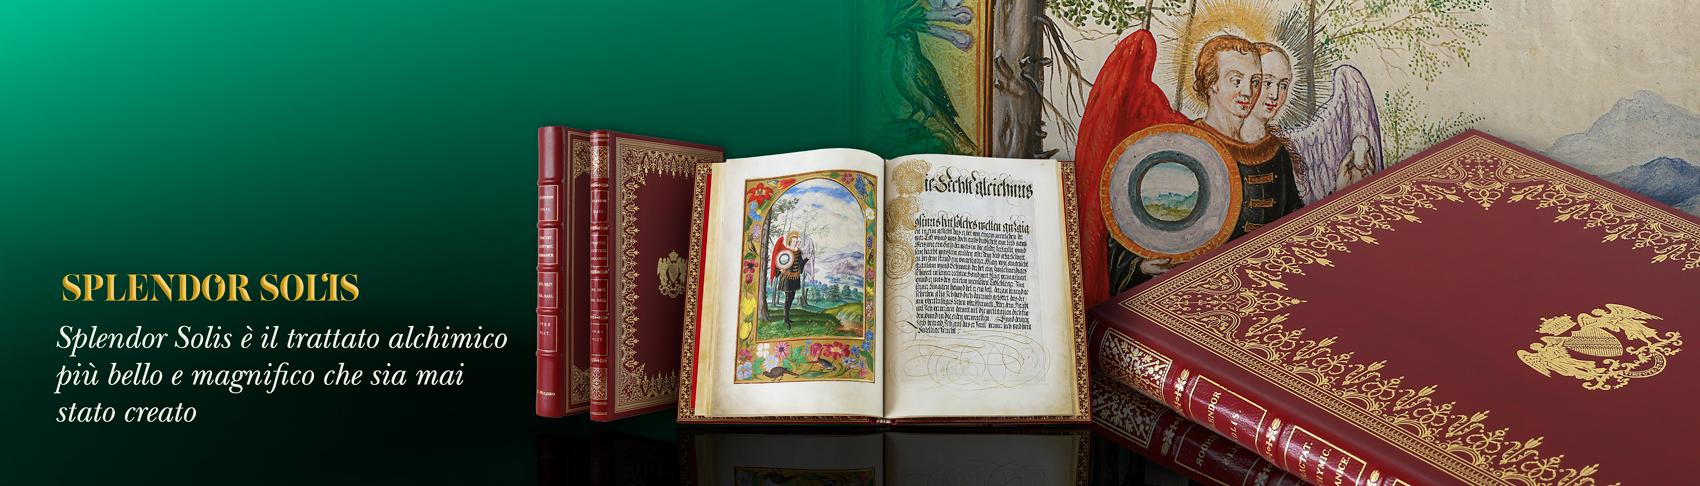 Splendor Solis è il trattato alchimico più bello e magnifico che sia mai stato creato.